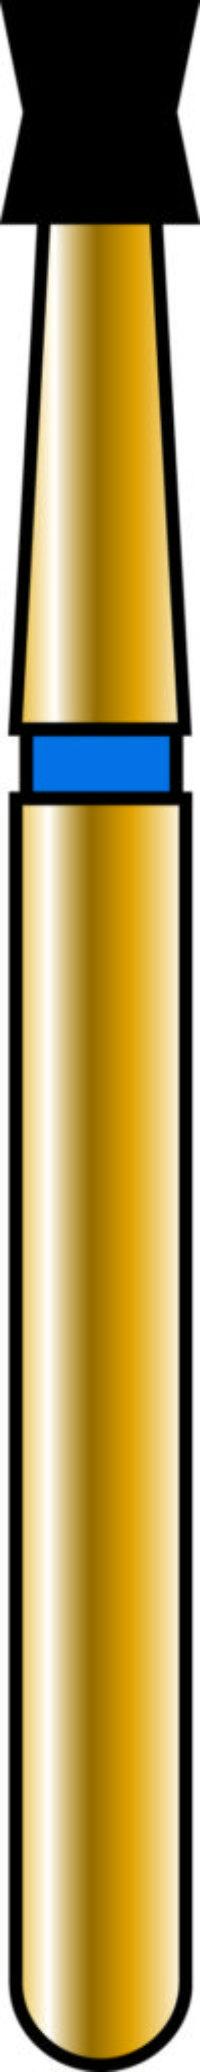 Double Cone 18-2mm Gold Diamond Bur - Coarse Grit